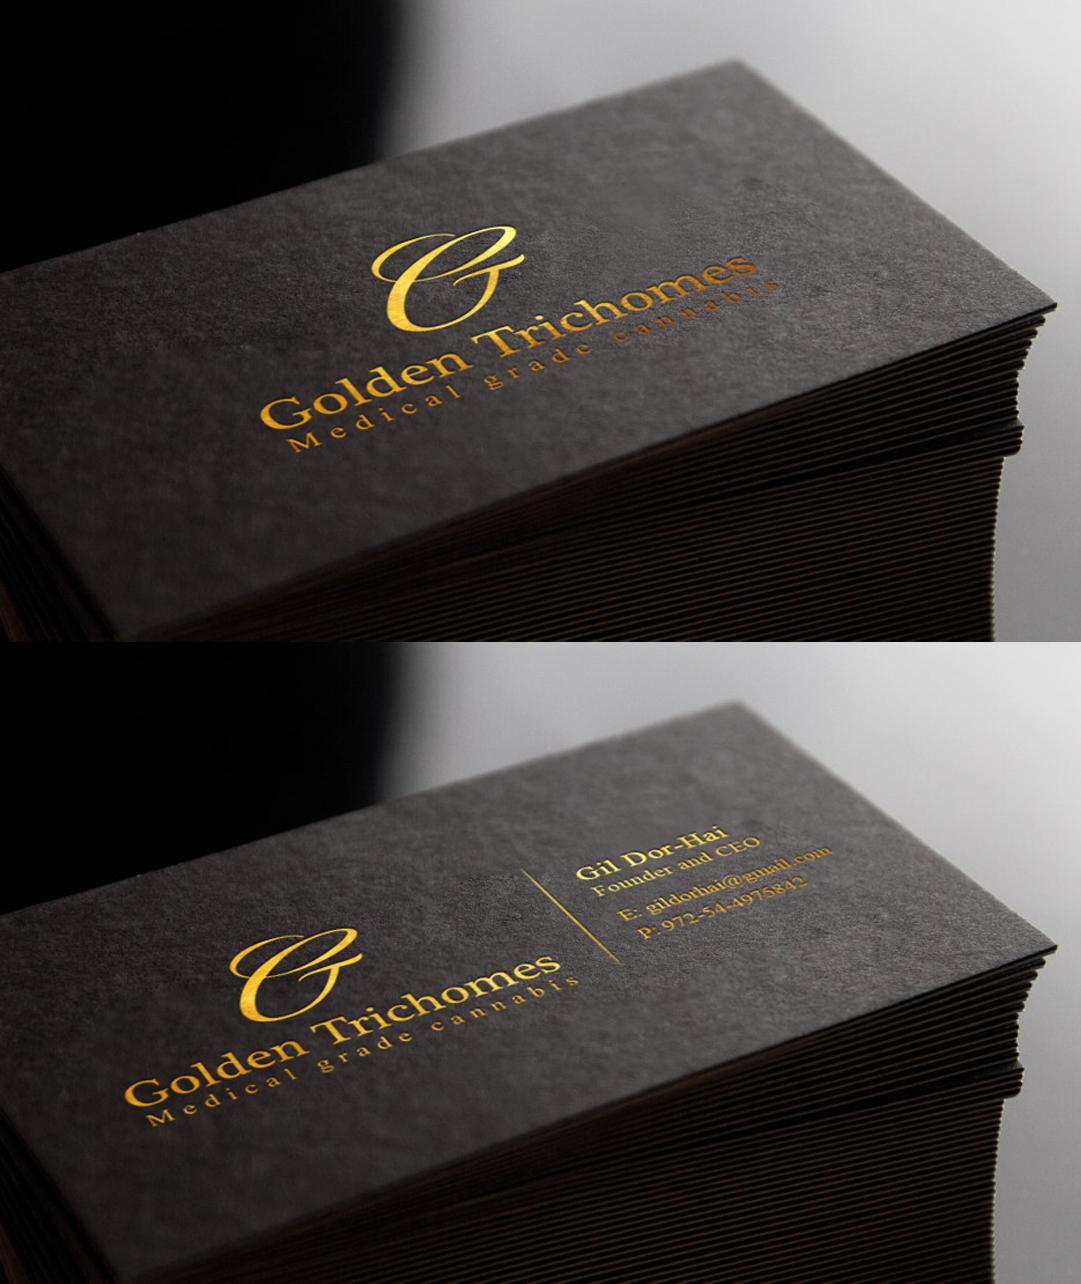 Design De Carte Visite Haut Gamme Serieux Industry Pour Golden Trichomes En Aux Israel